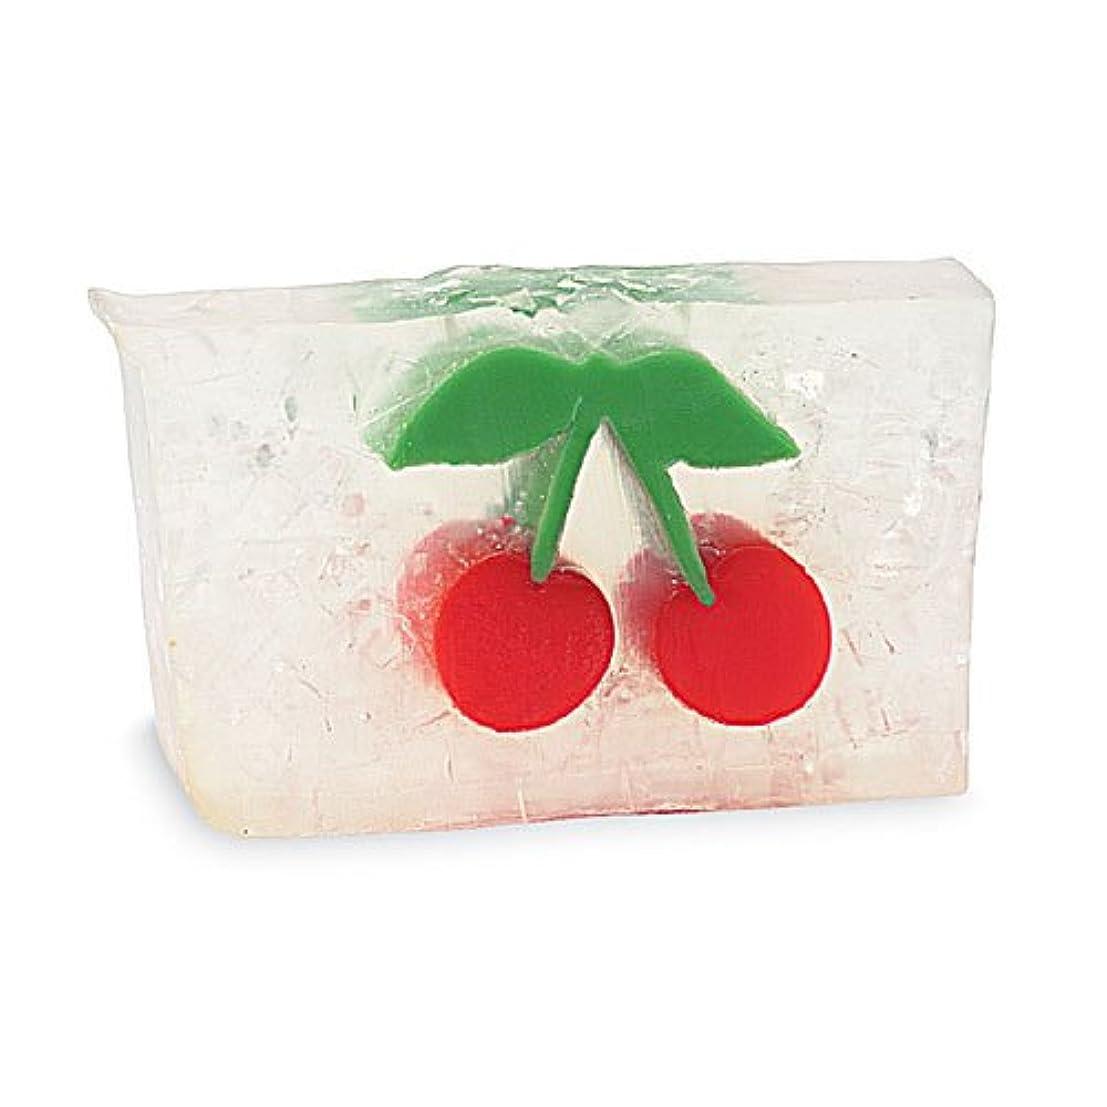 自分の飢ポルノプライモールエレメンツ アロマティック ソープ チェリー 180g 植物性 ナチュラル 石鹸 無添加